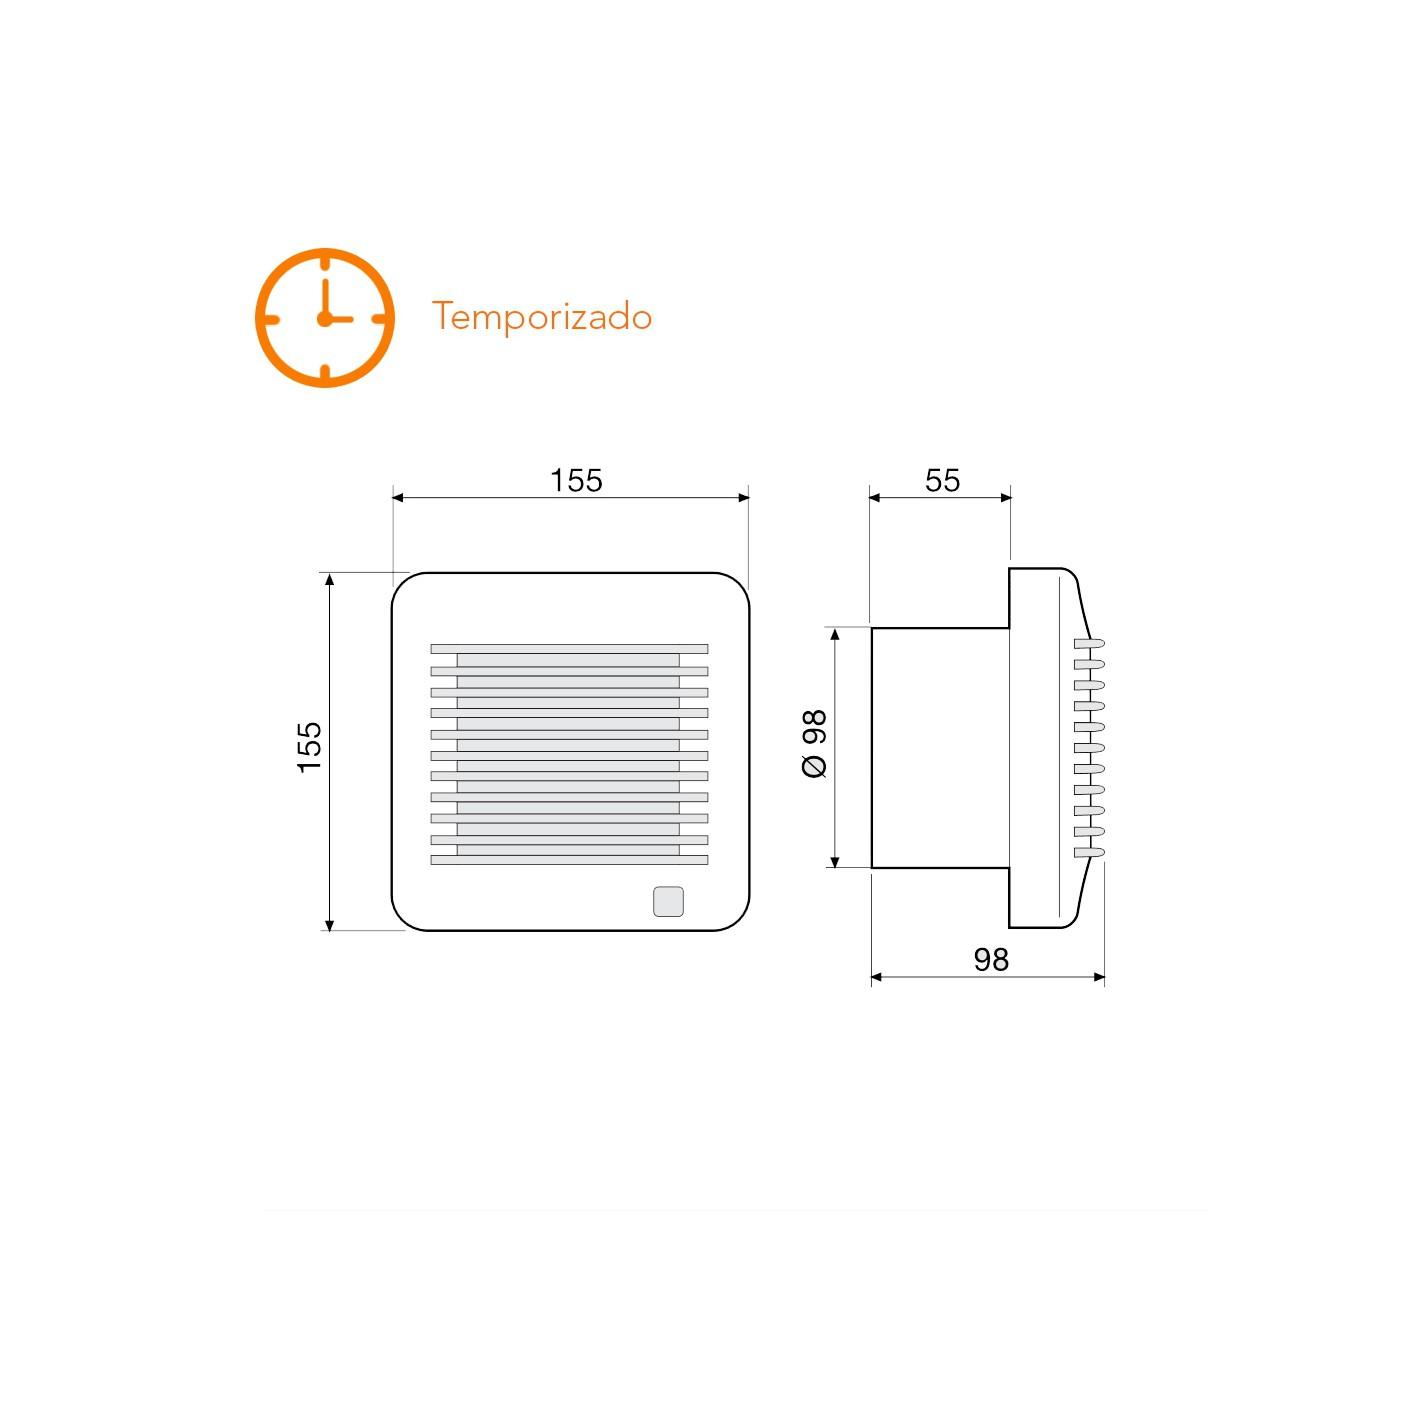 Extractor De Baño Para Techo:CLIMATIZACIÓN > Extractores de baño > Extractor de baño